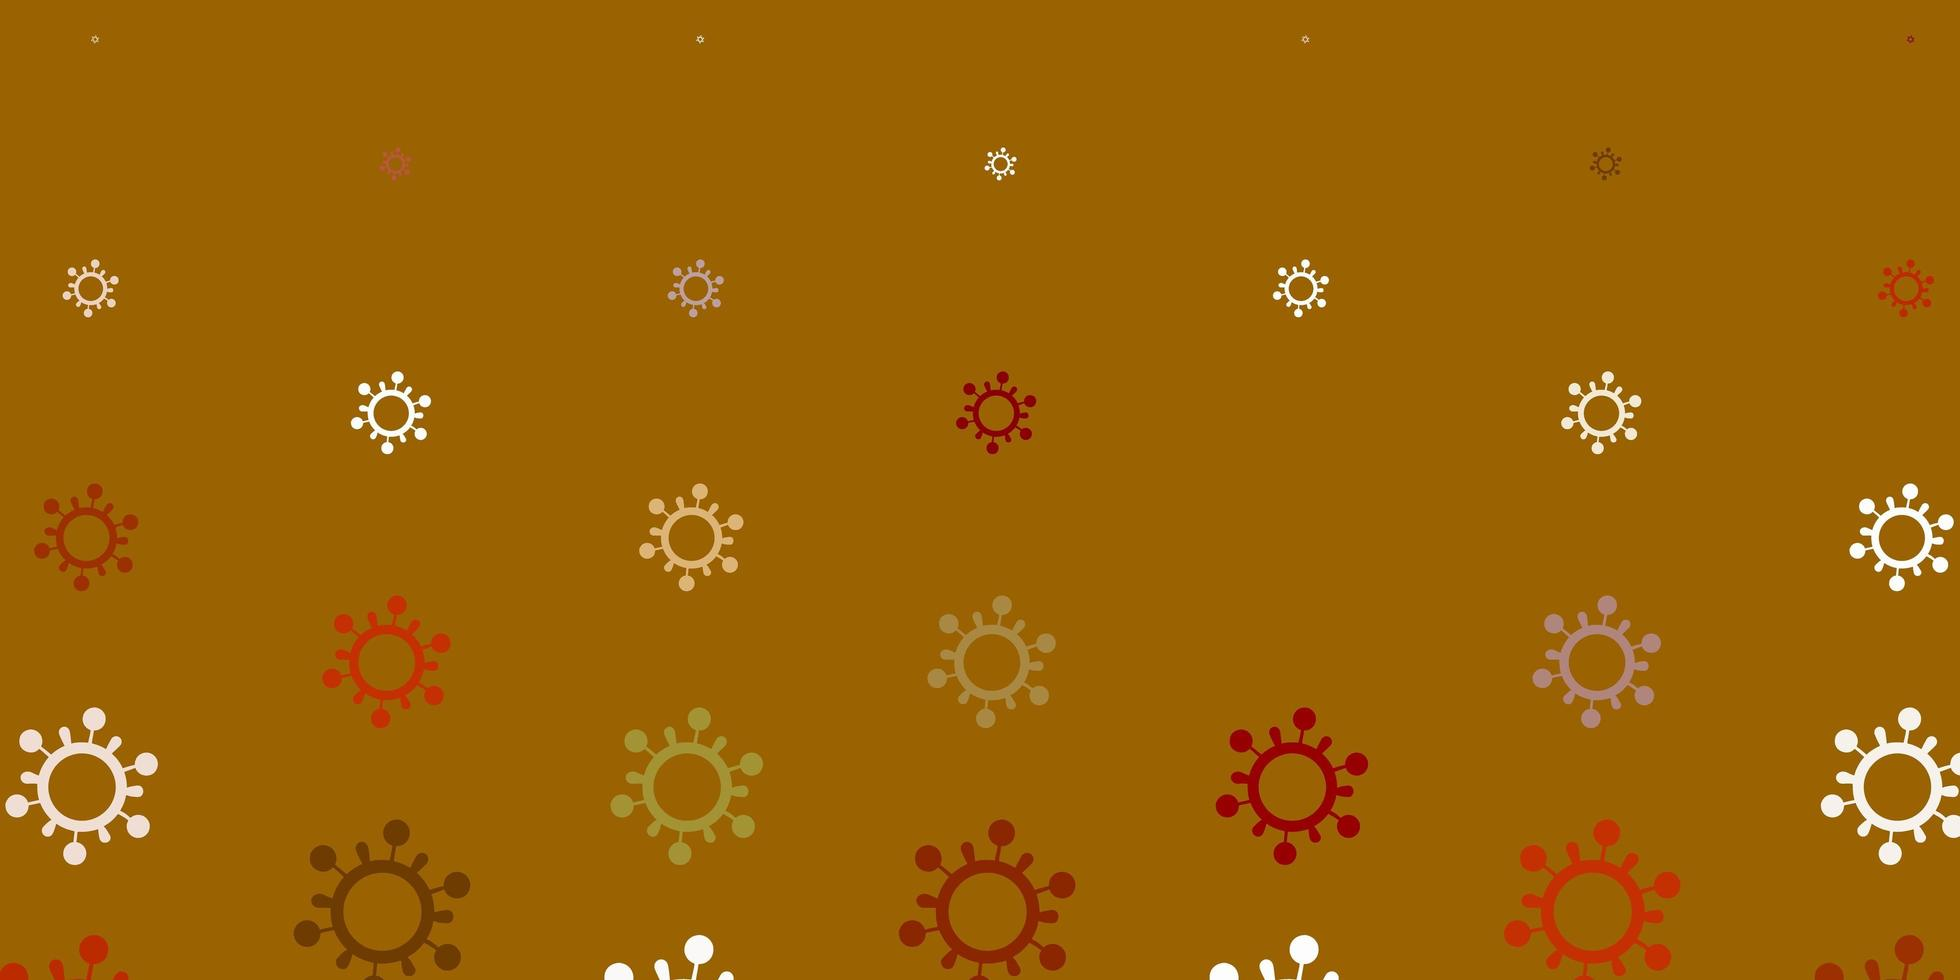 texture rouge, brune et blanche avec des symboles de la maladie. vecteur